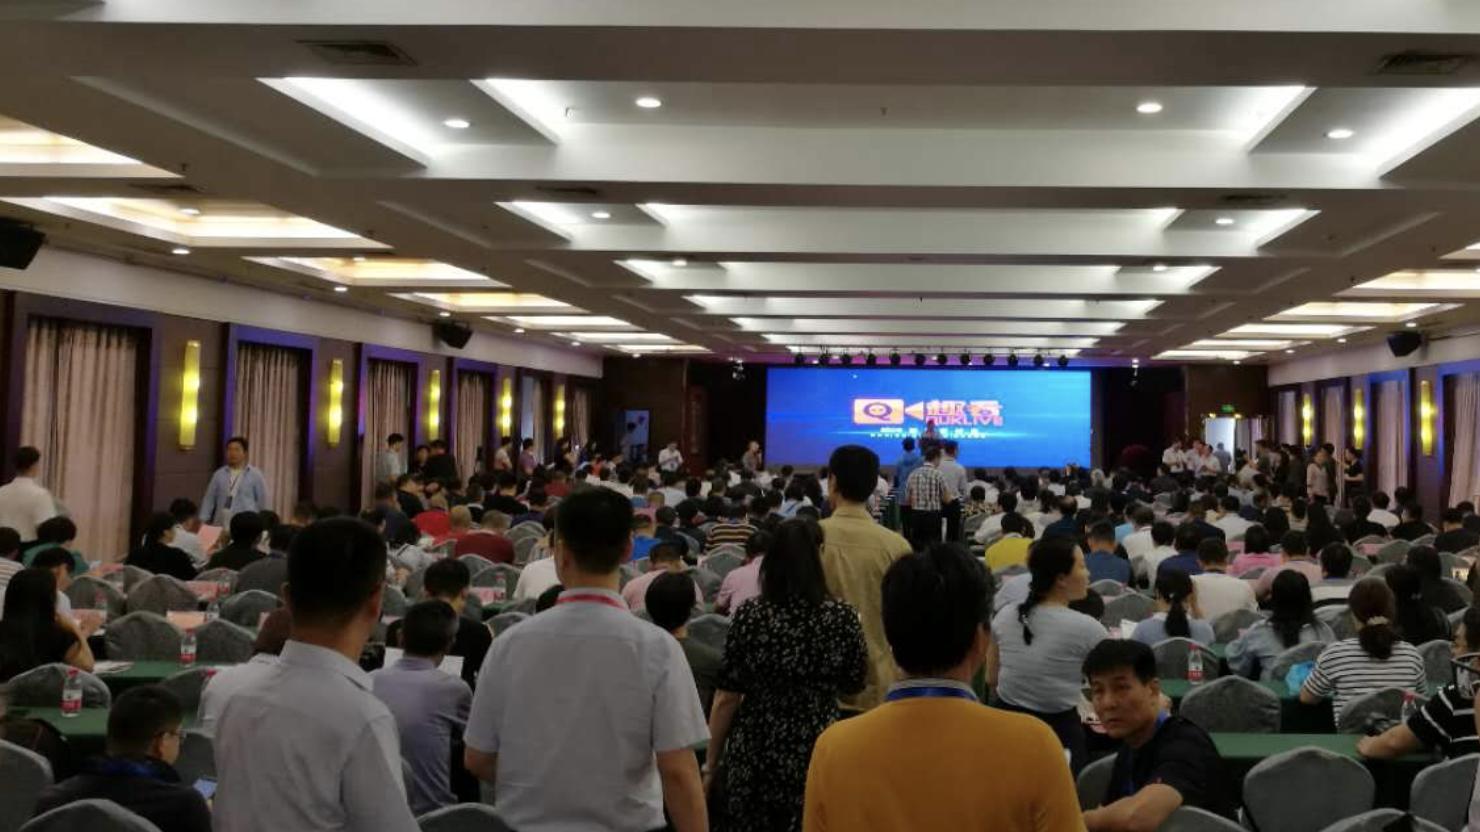 4K+VR云上云下一体化视频技术方案亮相中国报业第三届融合创新大会